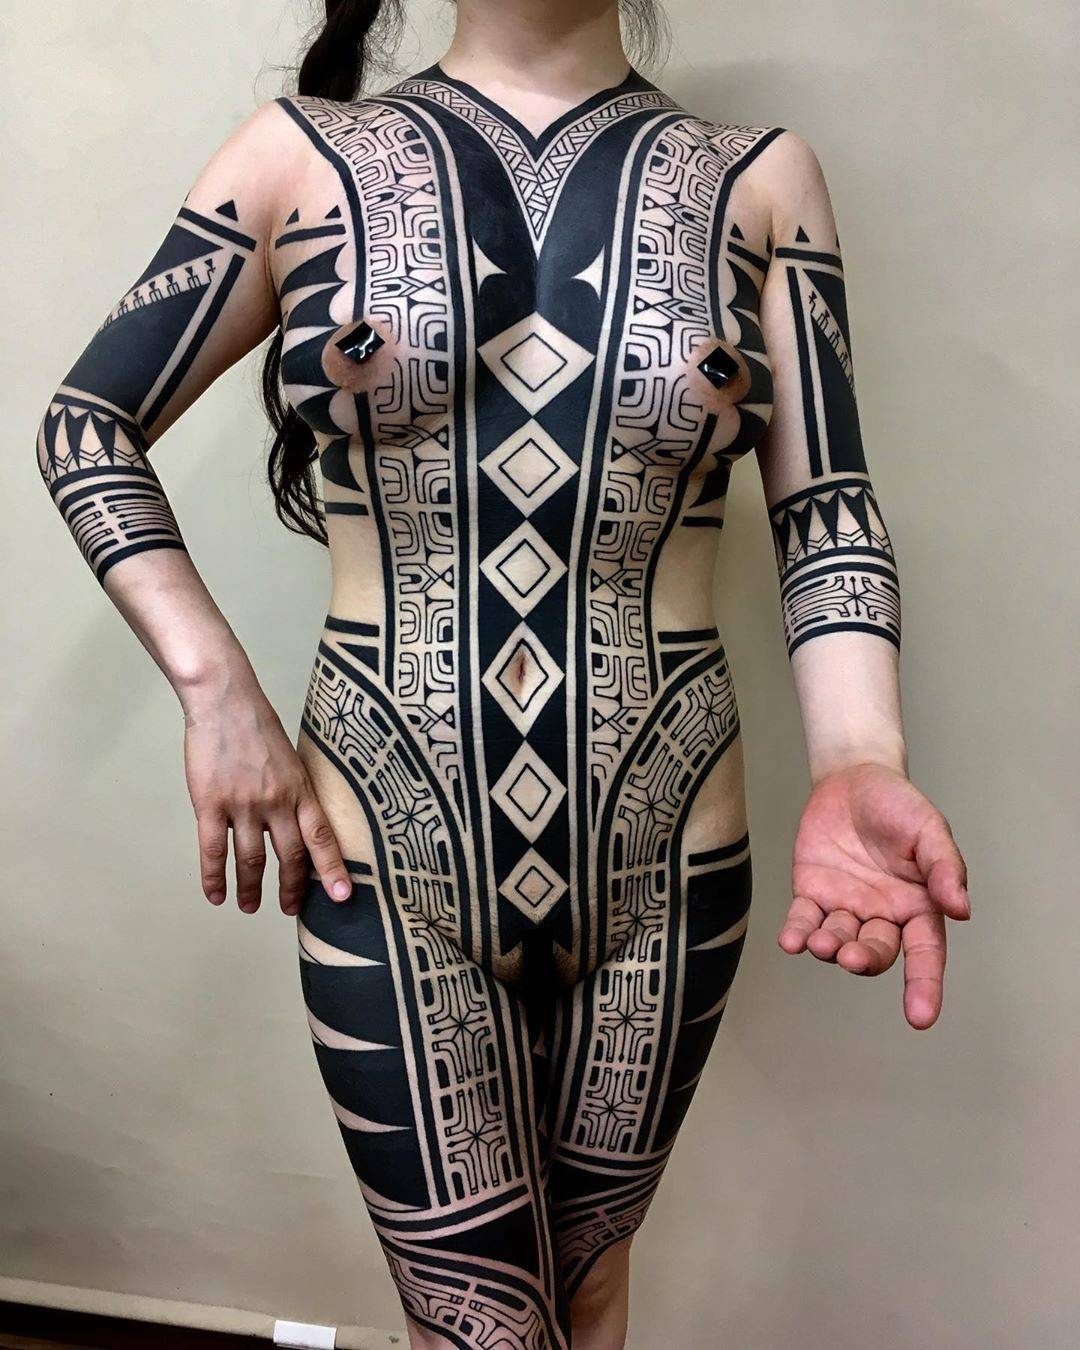 c71a32ec7 ... Japan Tattoo artist Taku Oshima, black tribal ornamental tattoo,  blackwork   Tokyo, Japan